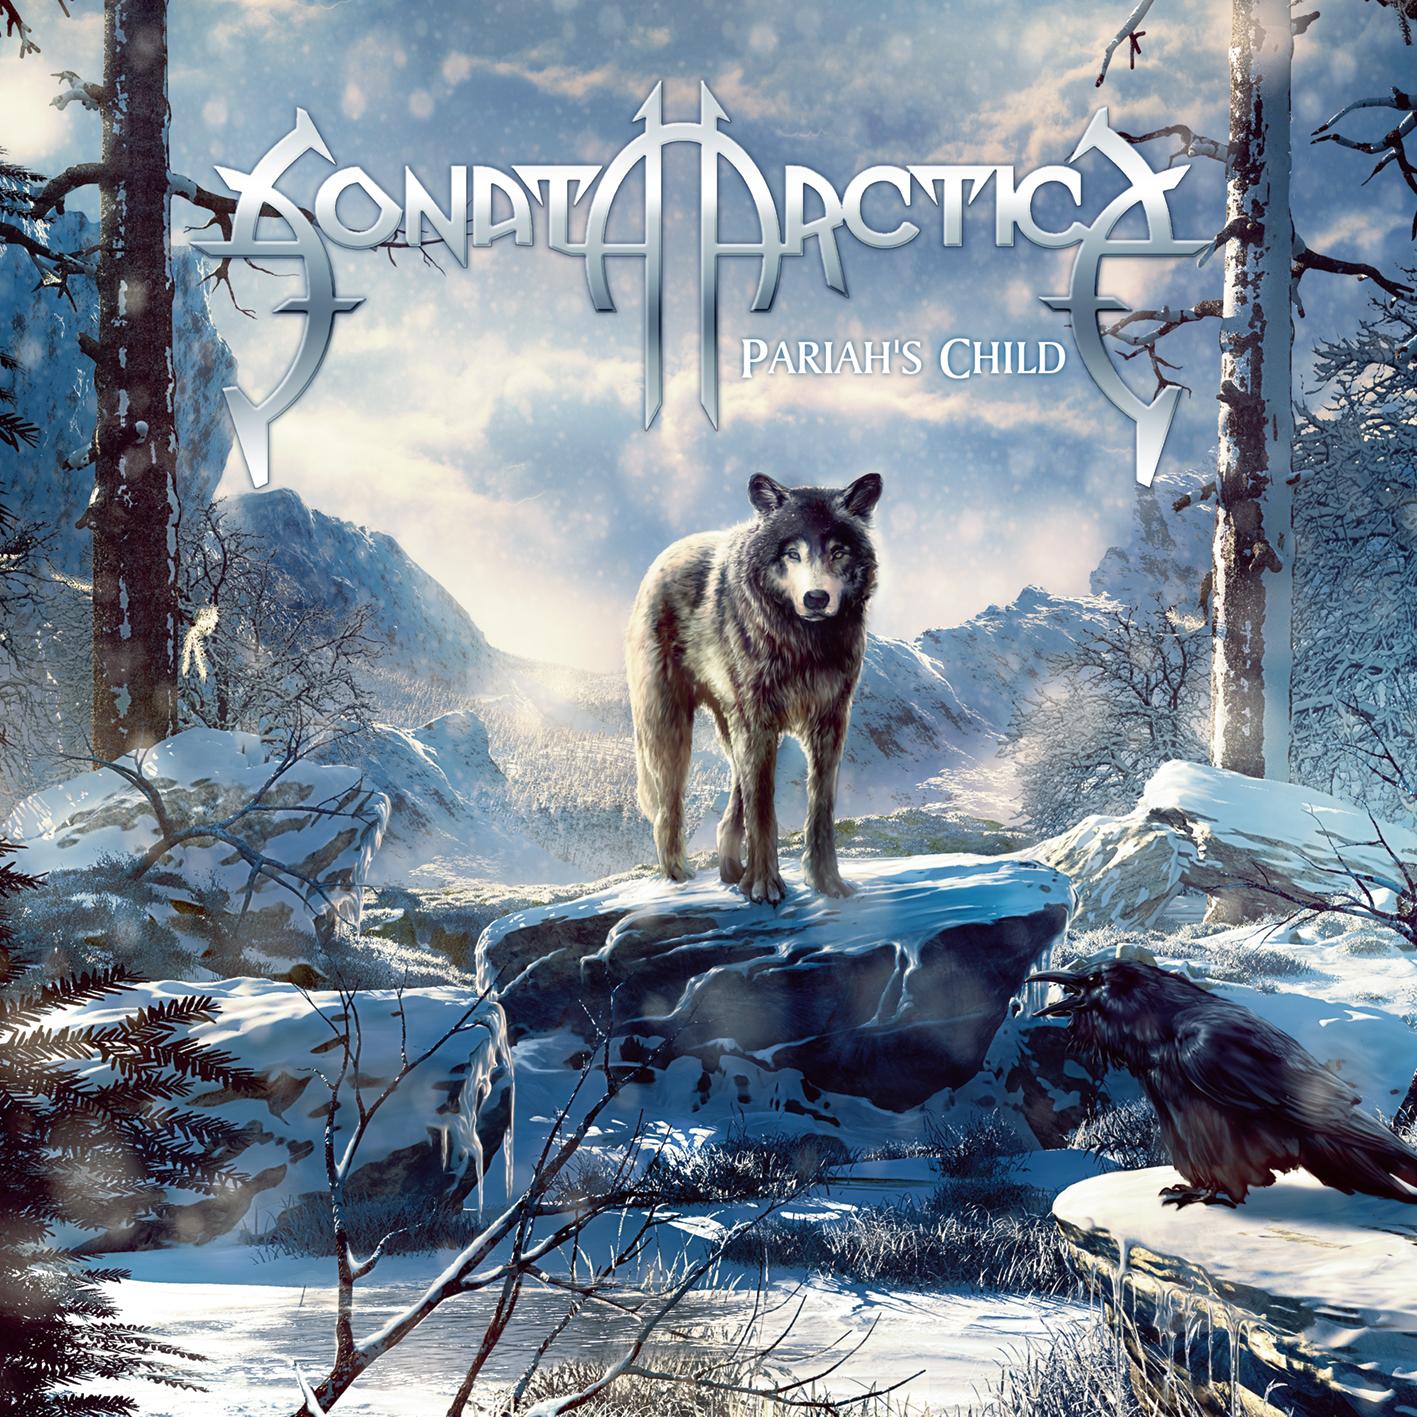 Sonata Arctica – Pariah's Child Review